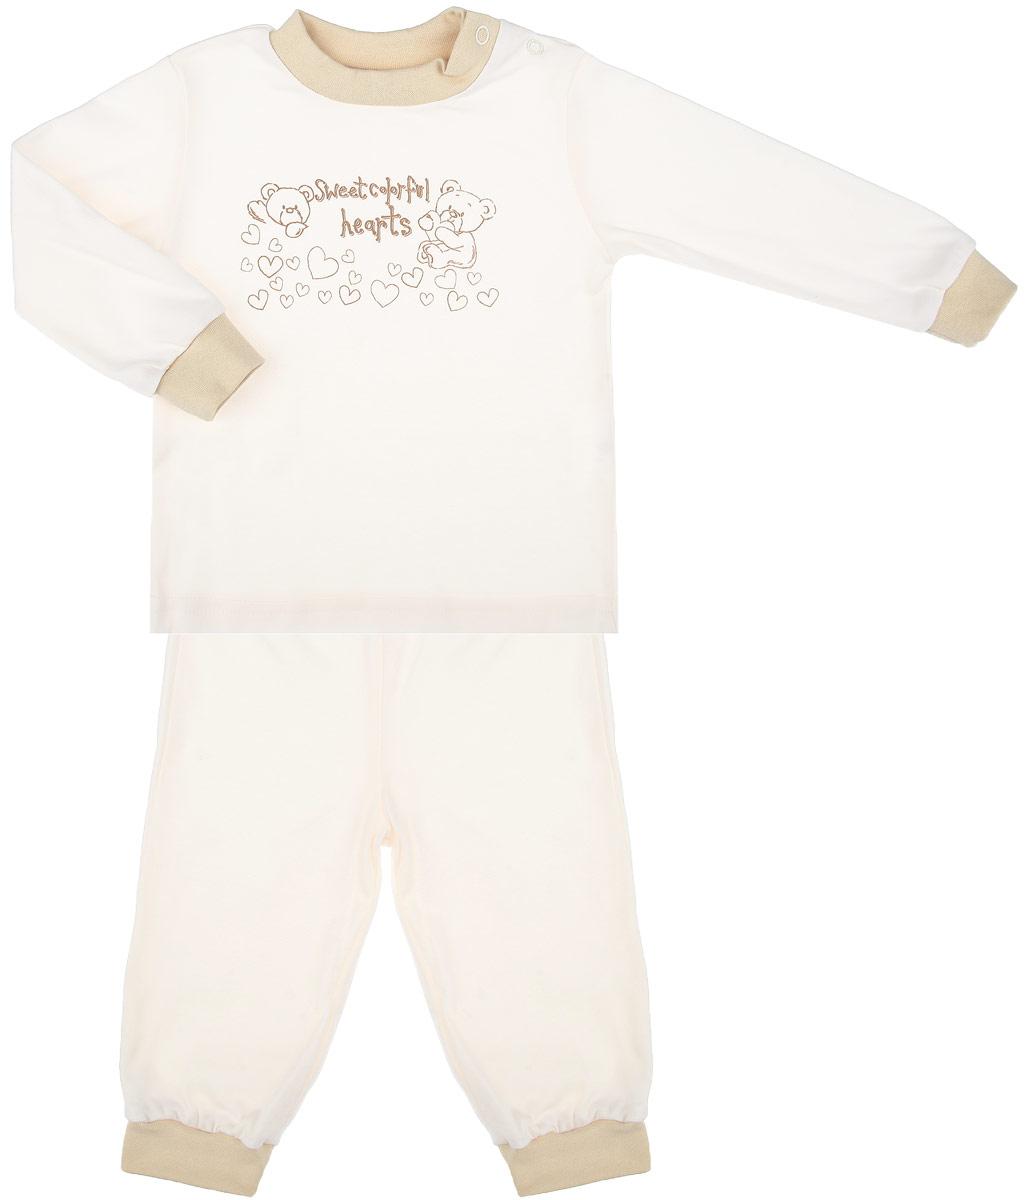 Пижама детская Мишка на экрю. 32873287Детская пижама КотМарКот Мишка на экрю, состоящая из футболки с длинным рукавом и брюк, идеально подойдет вашему ребенку и станет отличным дополнением к его гардеробу. Выполненная из натурального хлопка, она необычайно мягкая и легкая, не сковывает движения, позволяет коже дышать и не раздражает даже самую нежную и чувствительную кожу ребенка. Футболка с длинными рукавами и круглым вырезом горловины имеет застежки-кнопки по плечевому шву, что помогает с легкостью переодеть ребенка. Вырез горловины и манжеты на рукавах дополнены трикотажными эластичными резинками. Модель оформлена нежным принтом с изображением медвежат, а также надписью. Брюки прямого кроя на талии имеют эластичную резинку, благодаря чему они не сдавливают животик ребенка и не сползают. Низ брючин дополнен широкими трикотажными манжетами. В такой пижаме ваш ребенок будет чувствовать себя комфортно и уютно во время сна.